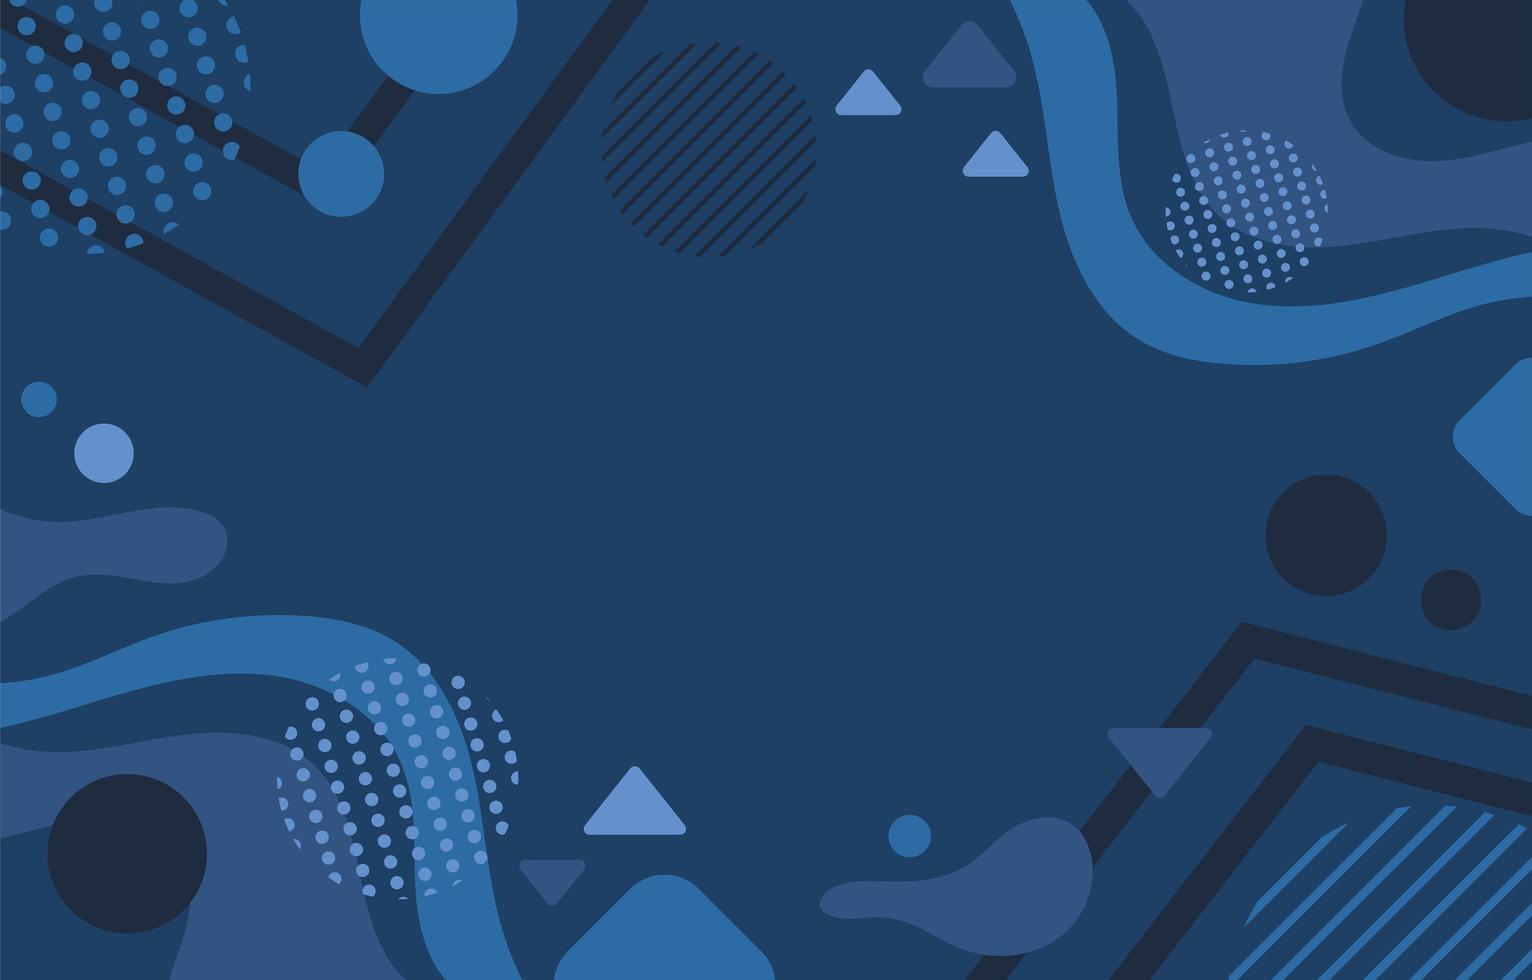 abstrakt klassisk blå bakgrund vektor